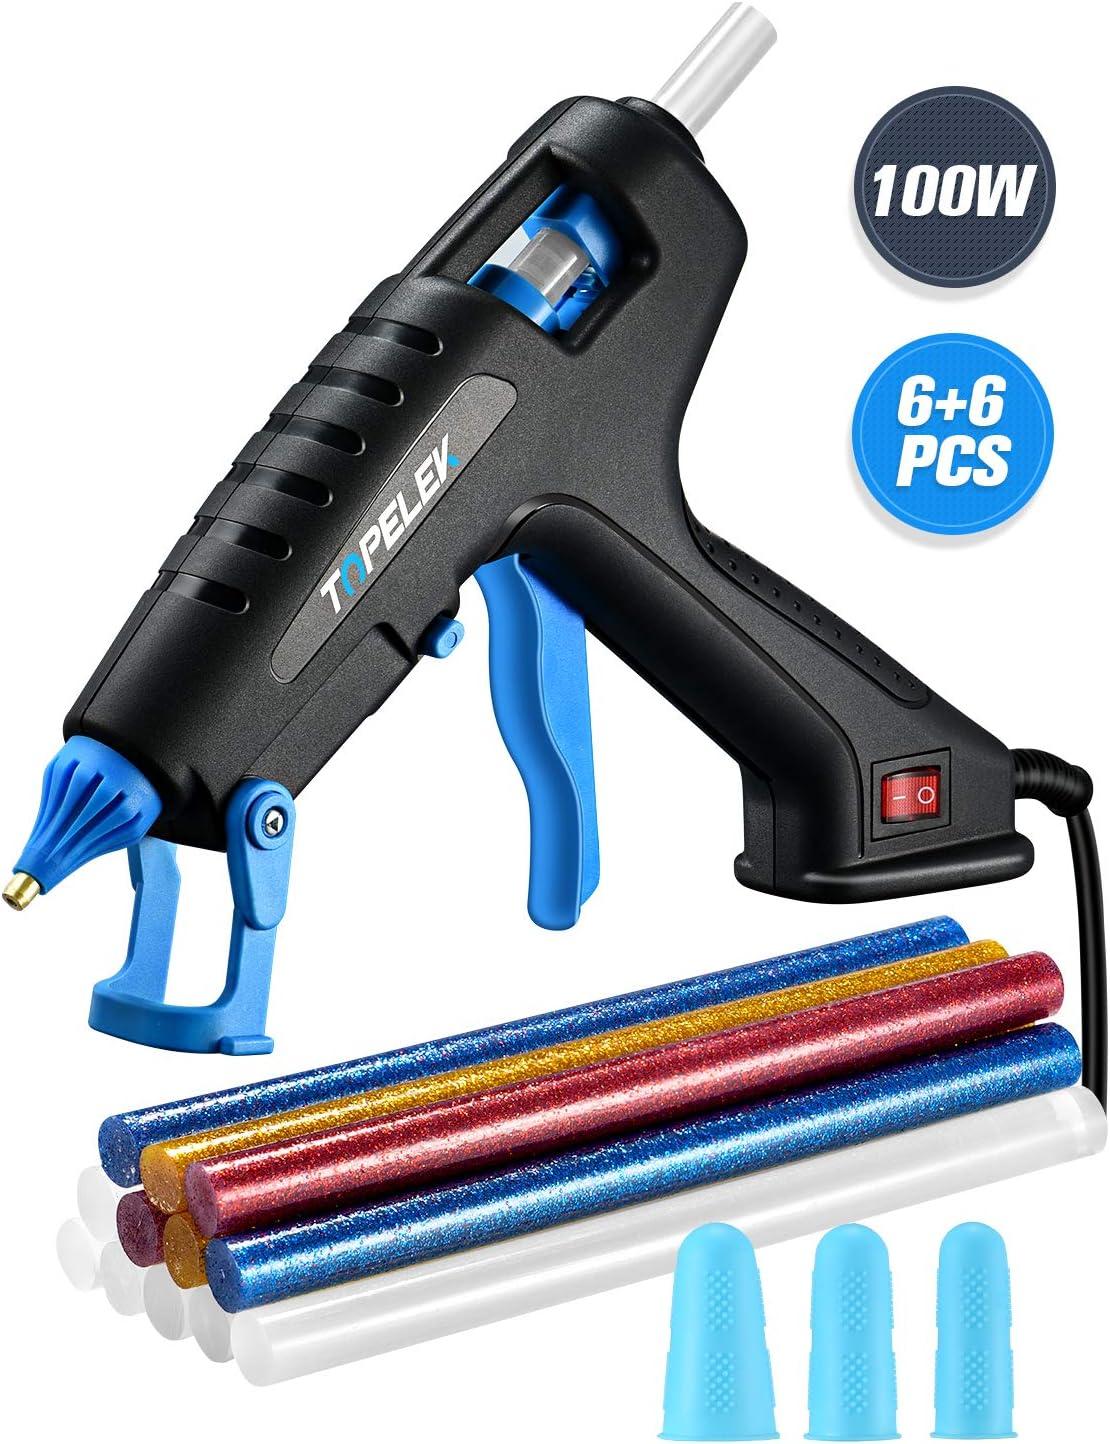 TOPELEK Pistola de Silicona Caliente 100W, Pistola de Pegamento Adulto con 12 PCS barras de pegamento y 3 Protectores de dedos, para usos industriales, manualidades caseras para bricolaje